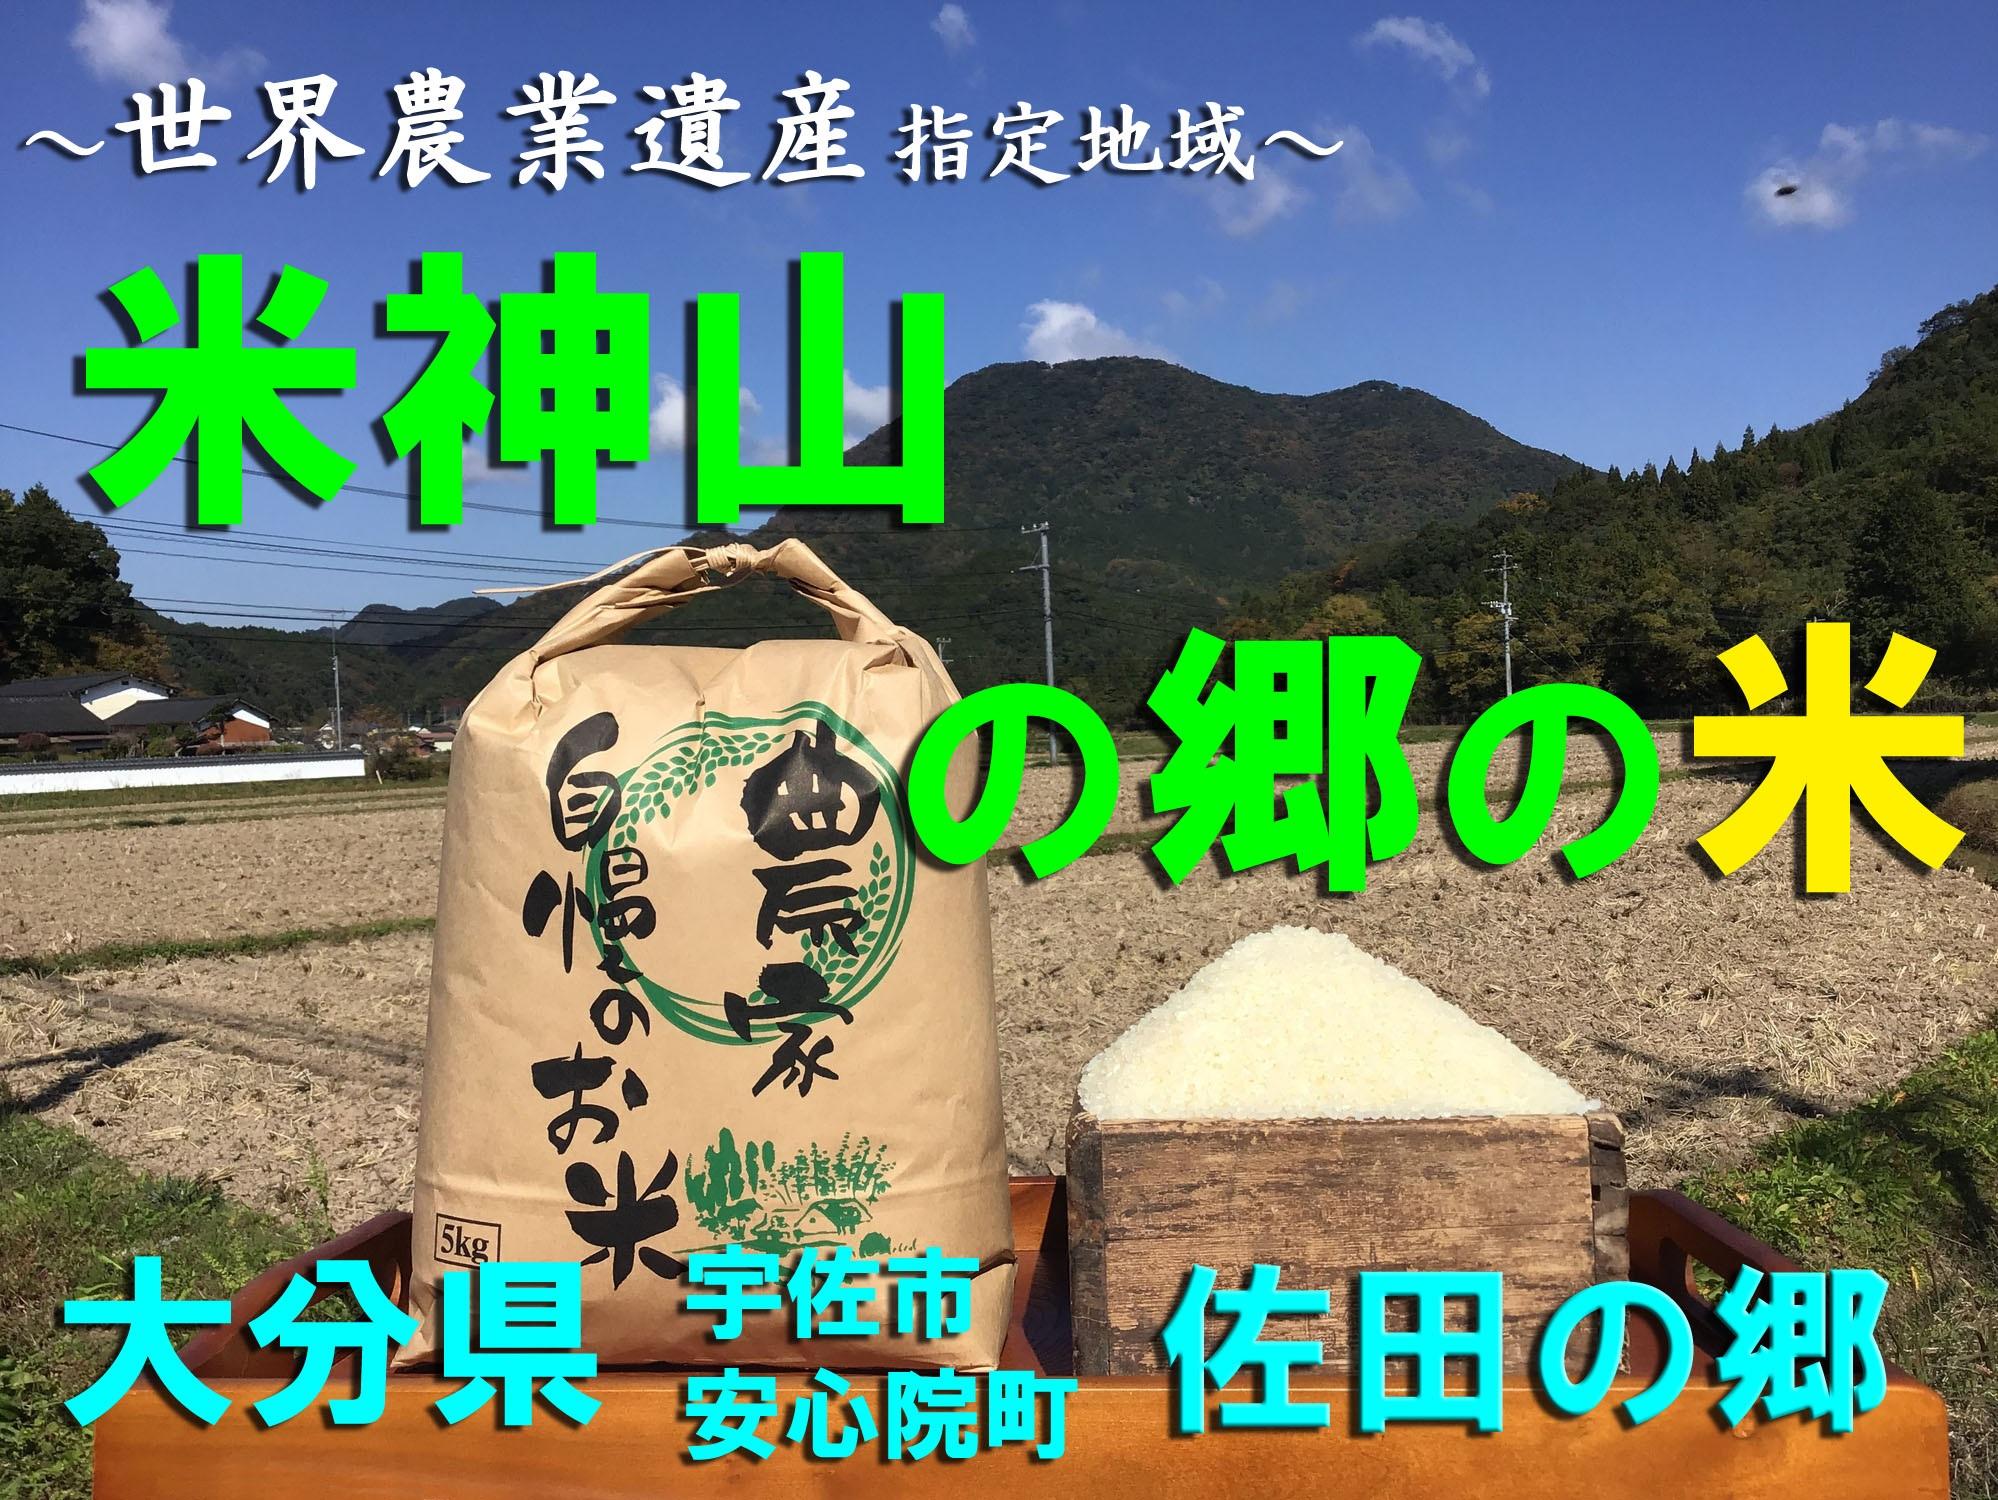 /data/project/829/米神山の米_タイトル画像‗ラベル用_2020_latest.jpg